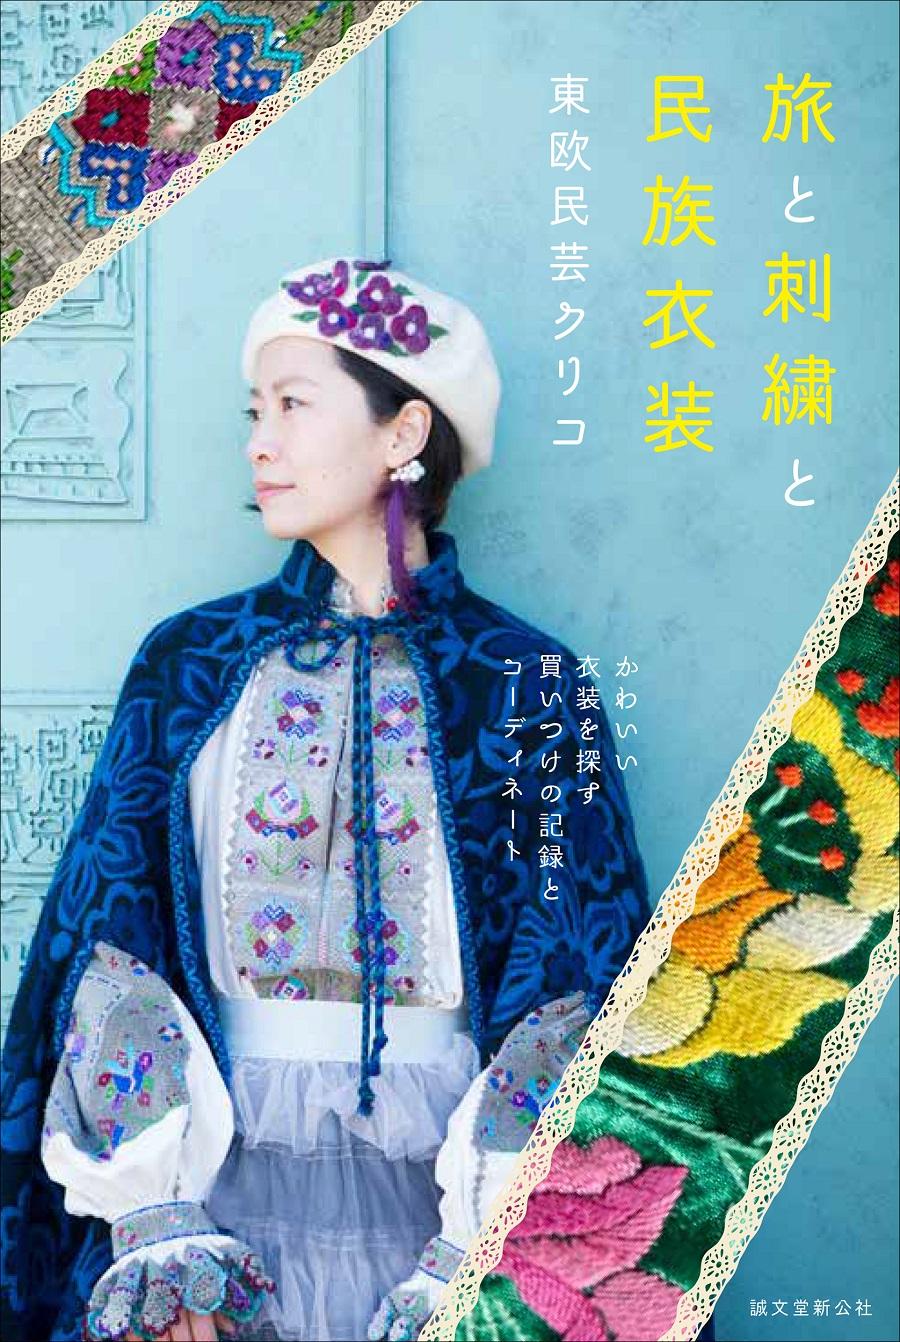 写真は、『旅と刺繍と民族衣装』(誠文堂新光社)/『旅と刺繍と民族衣装』(誠文堂新光社)より